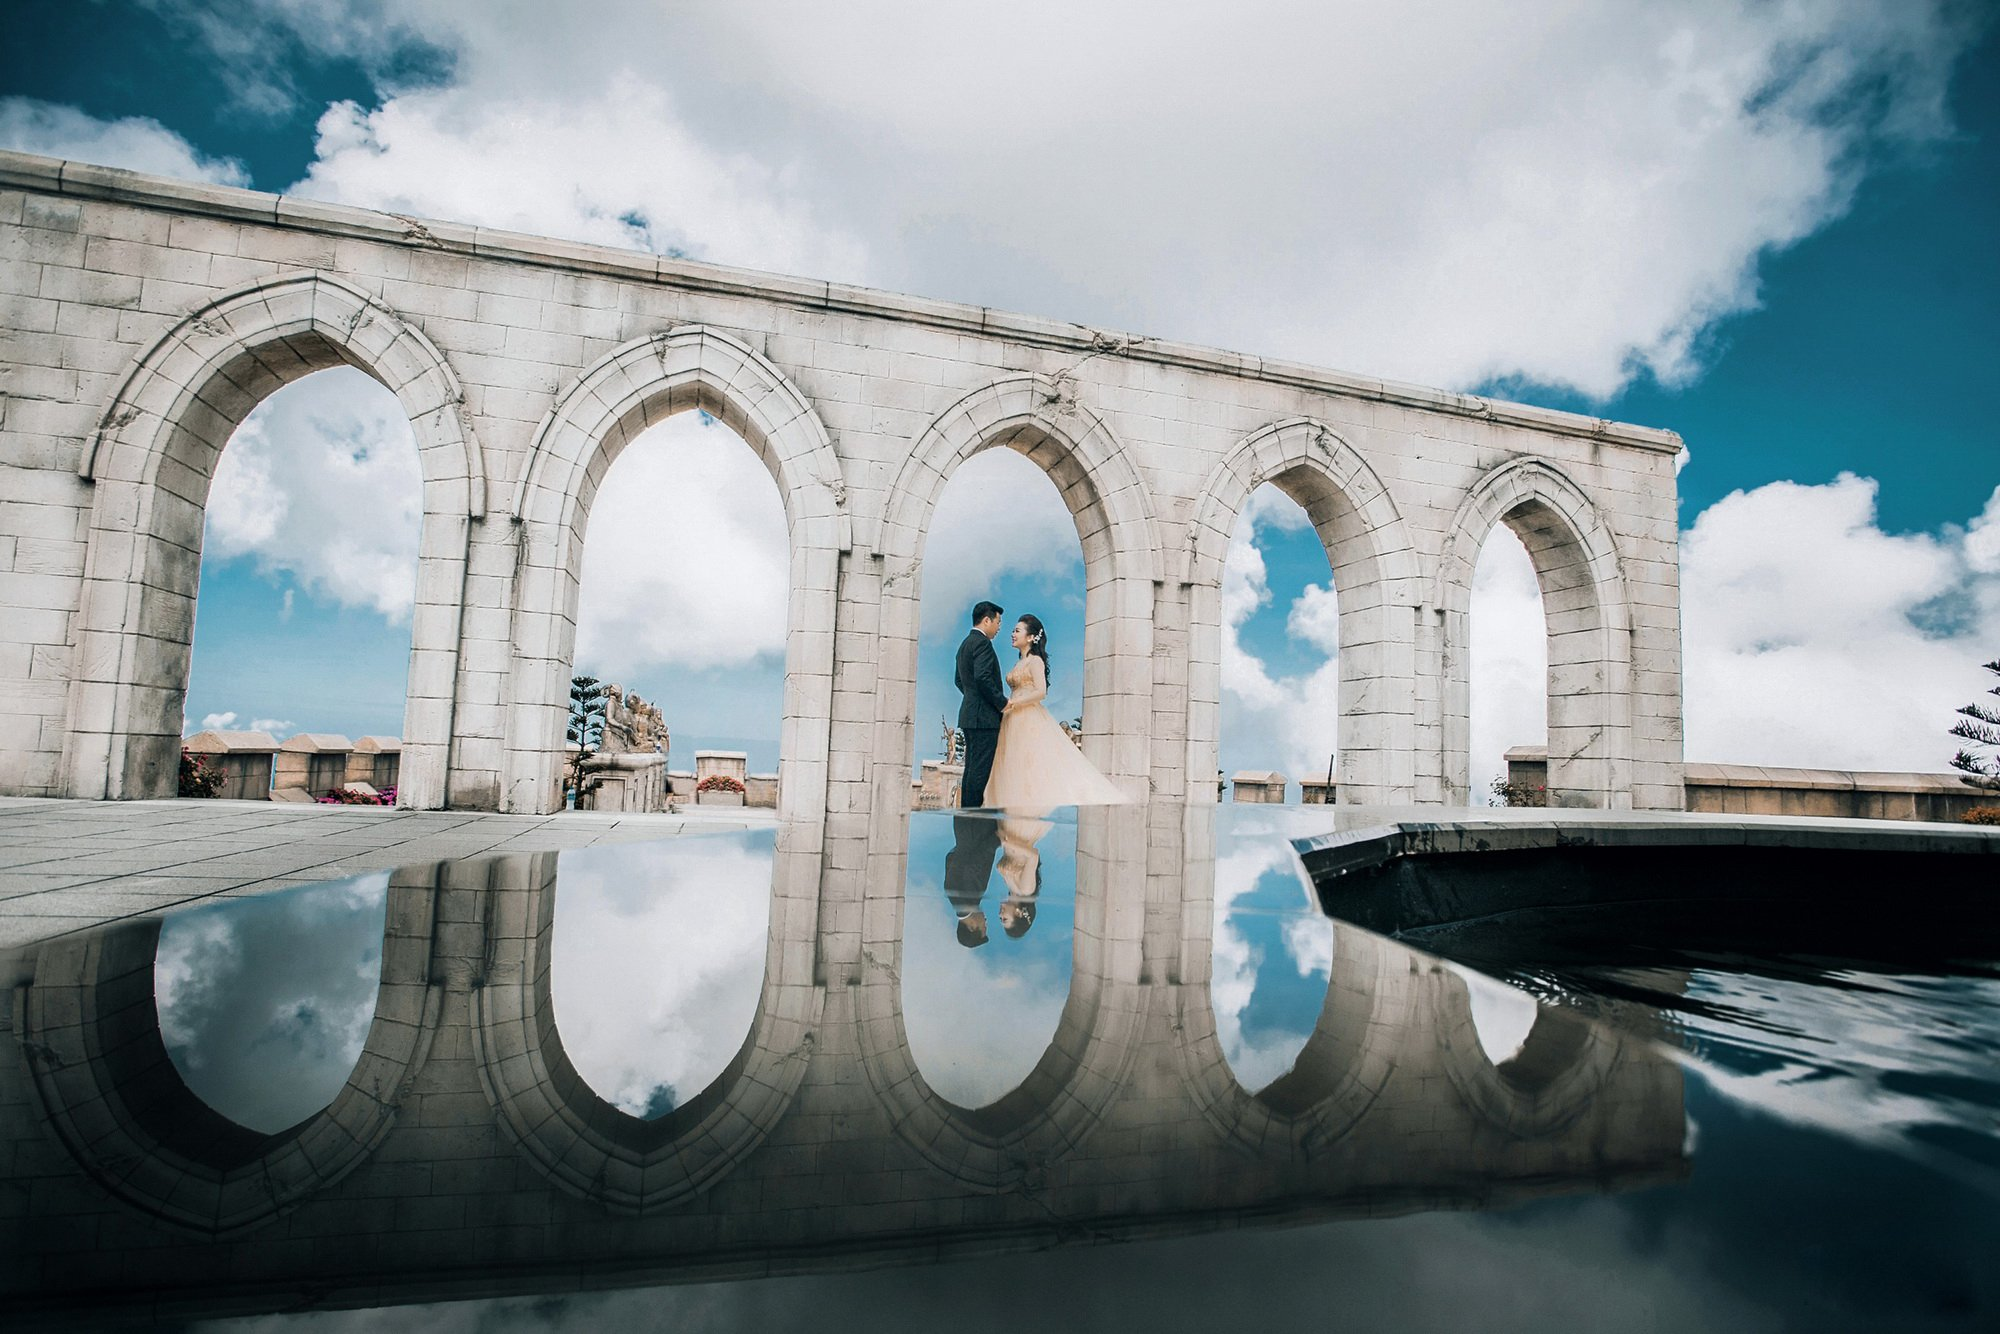 Bộ ảnh cưới xuyên Việt của cô dâu Nam Định cùng đại gia Sài Gòn 6